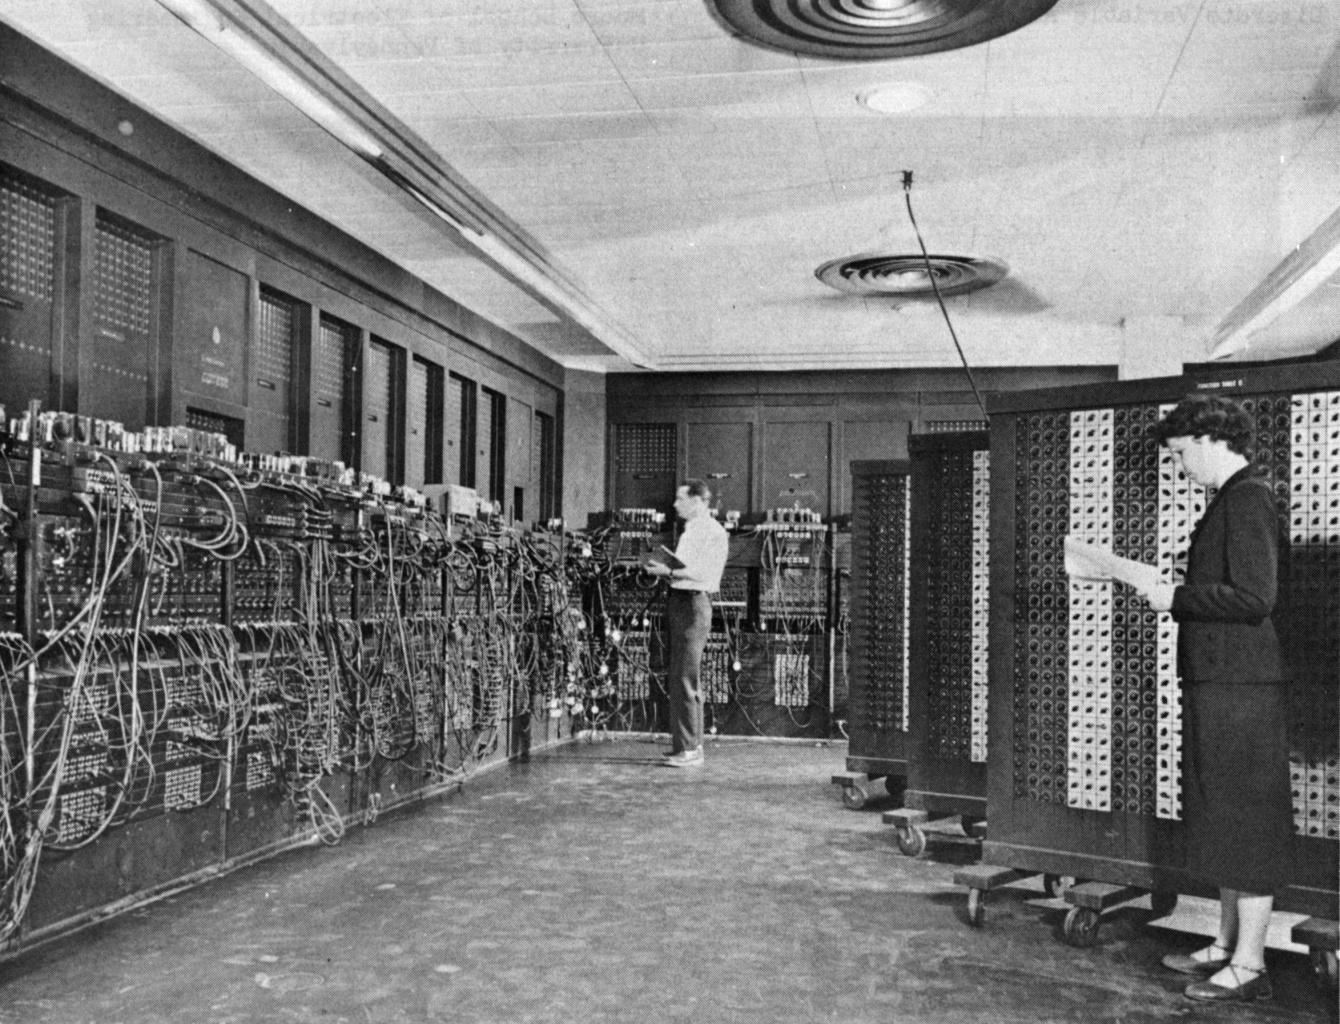 Pierwszy komputer jaki by kto go skonstruowa wpisy bankowym okiem b - Invention premier ordinateur ...